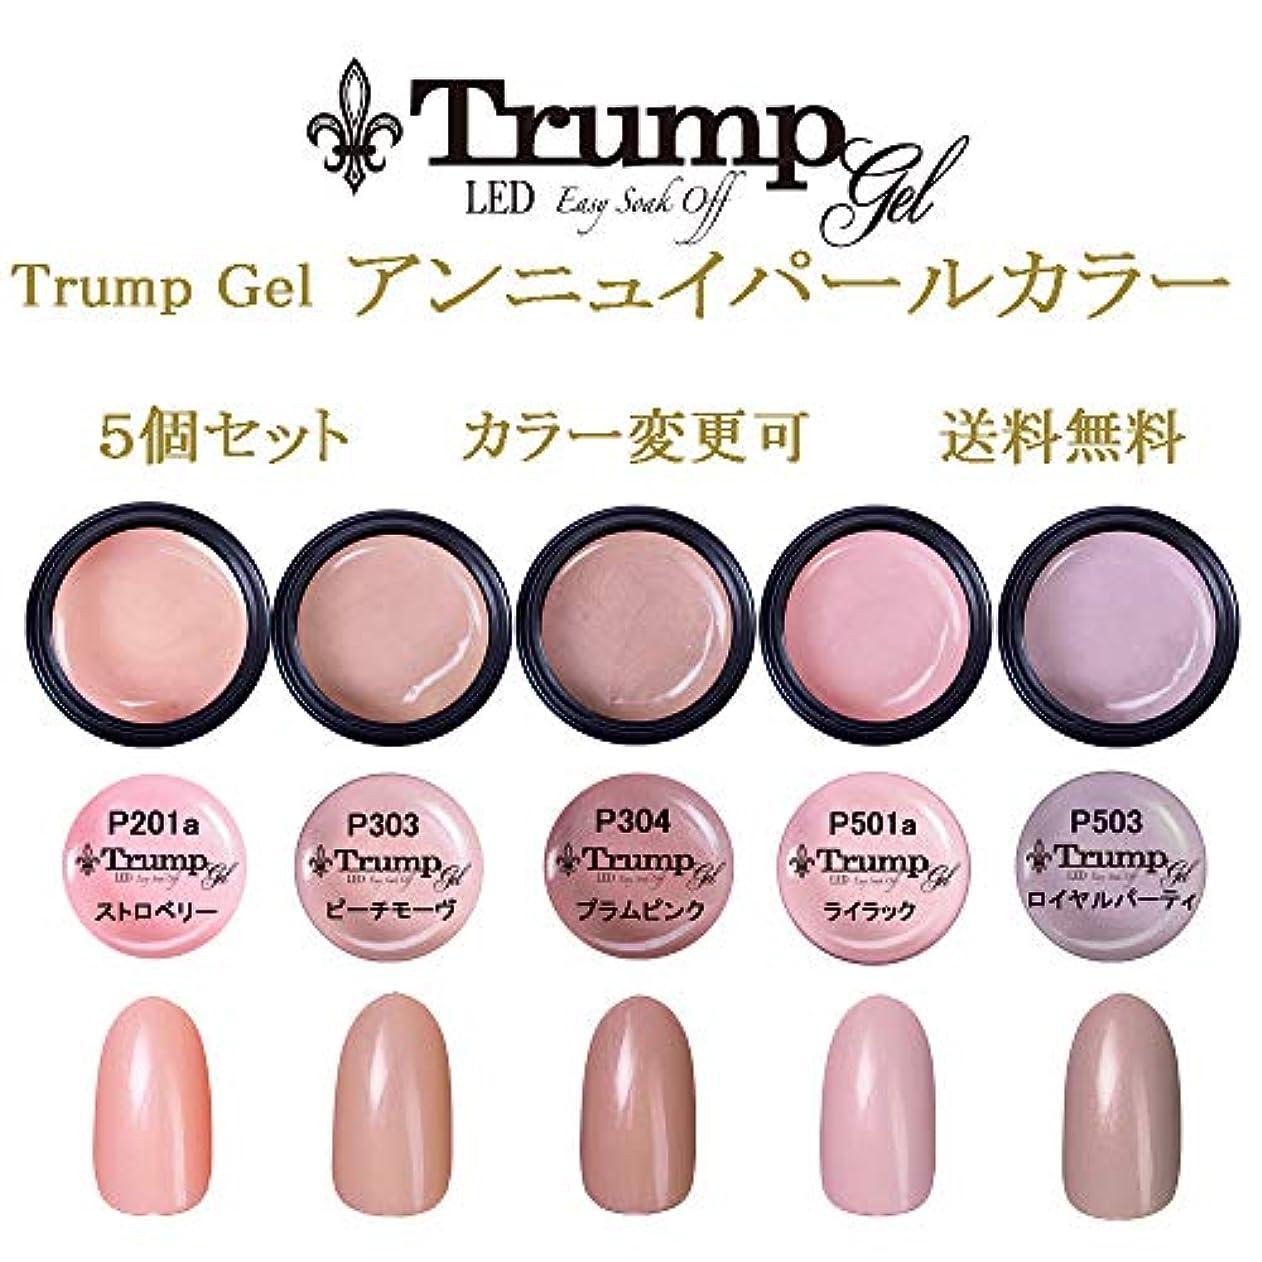 ボート低下物理的に日本製 Trump gel トランプジェル アンニュイ パール 選べる カラージェル 5個セット ピンク ベージュ パープル